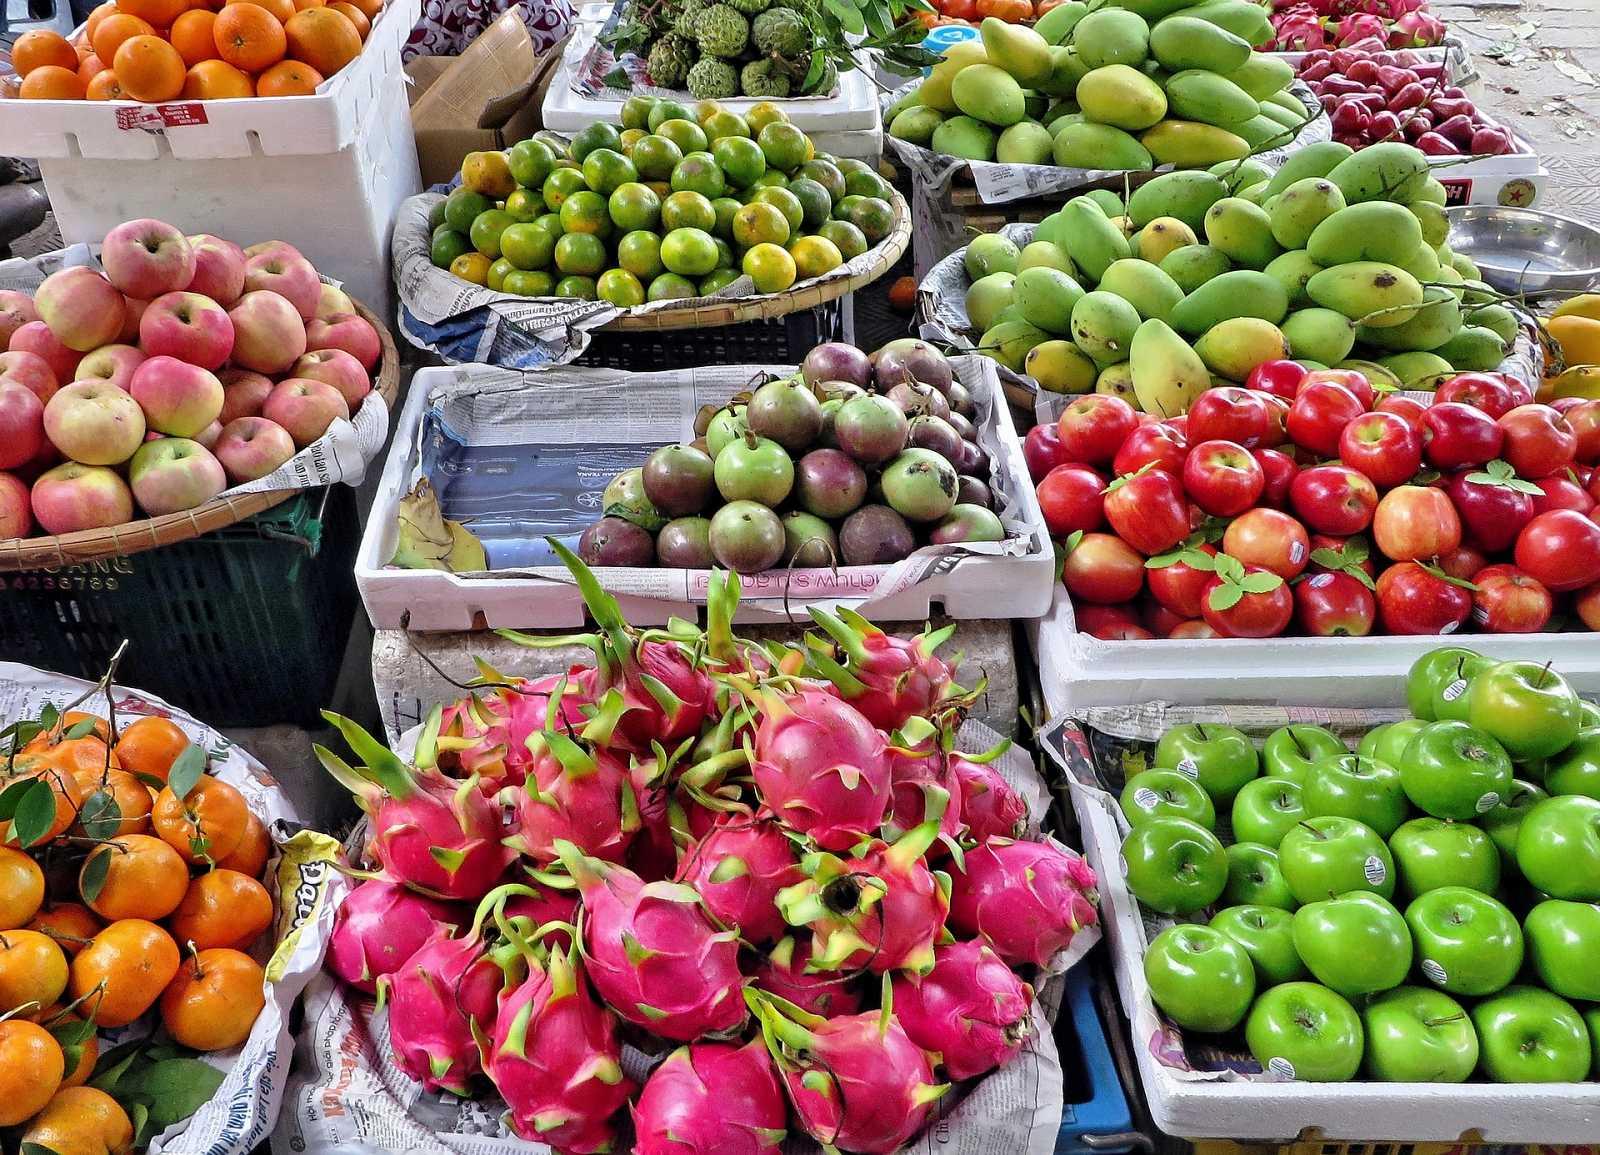 Alimento y salud - Cocina de aprovechamiento - segunda parte, comedor escolar y Covid 19 - 13/09/20 - Escuchar ahora